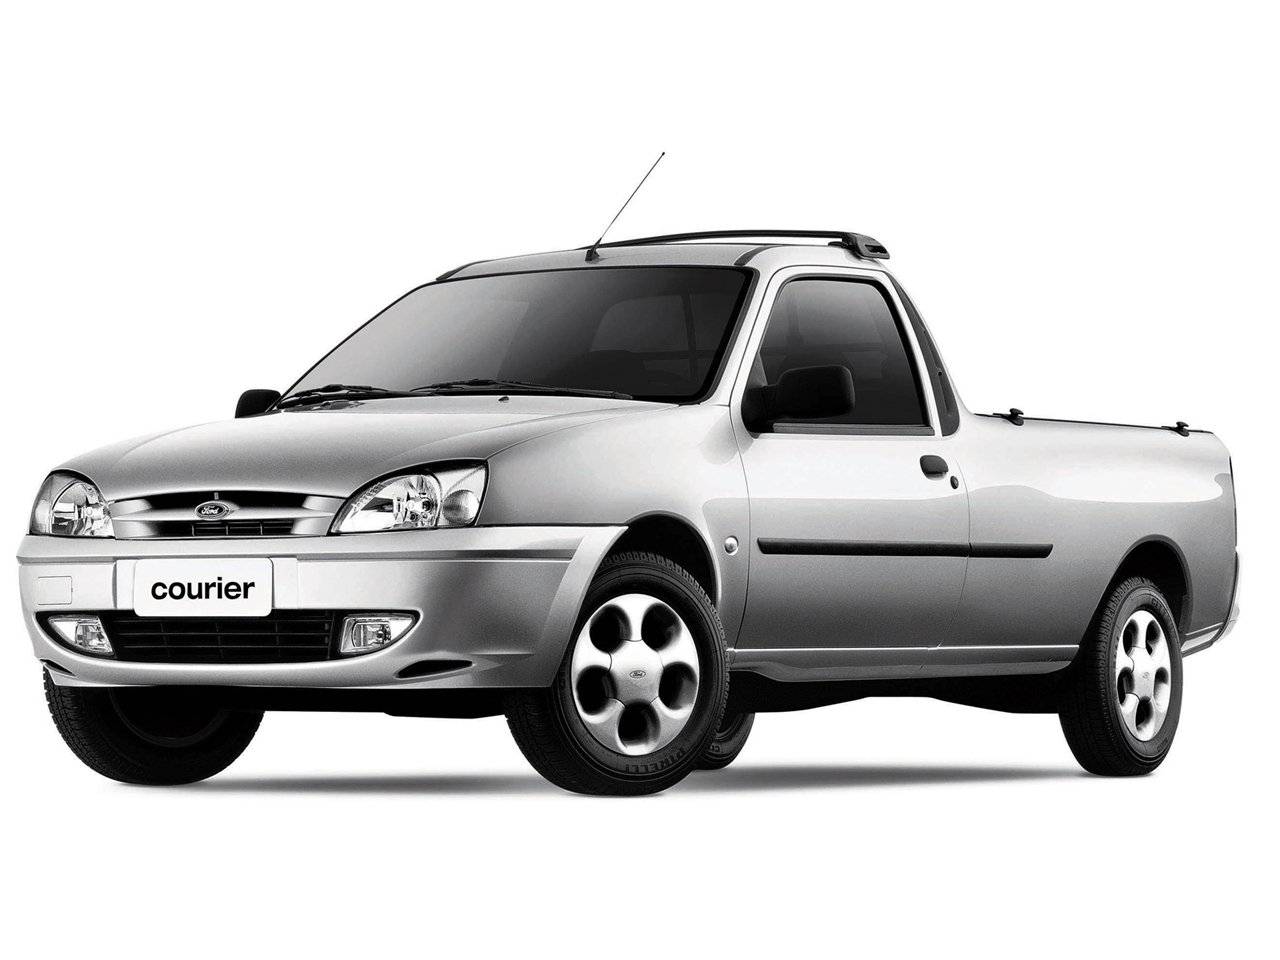 A nova picape da Ford será maior do que a Courier